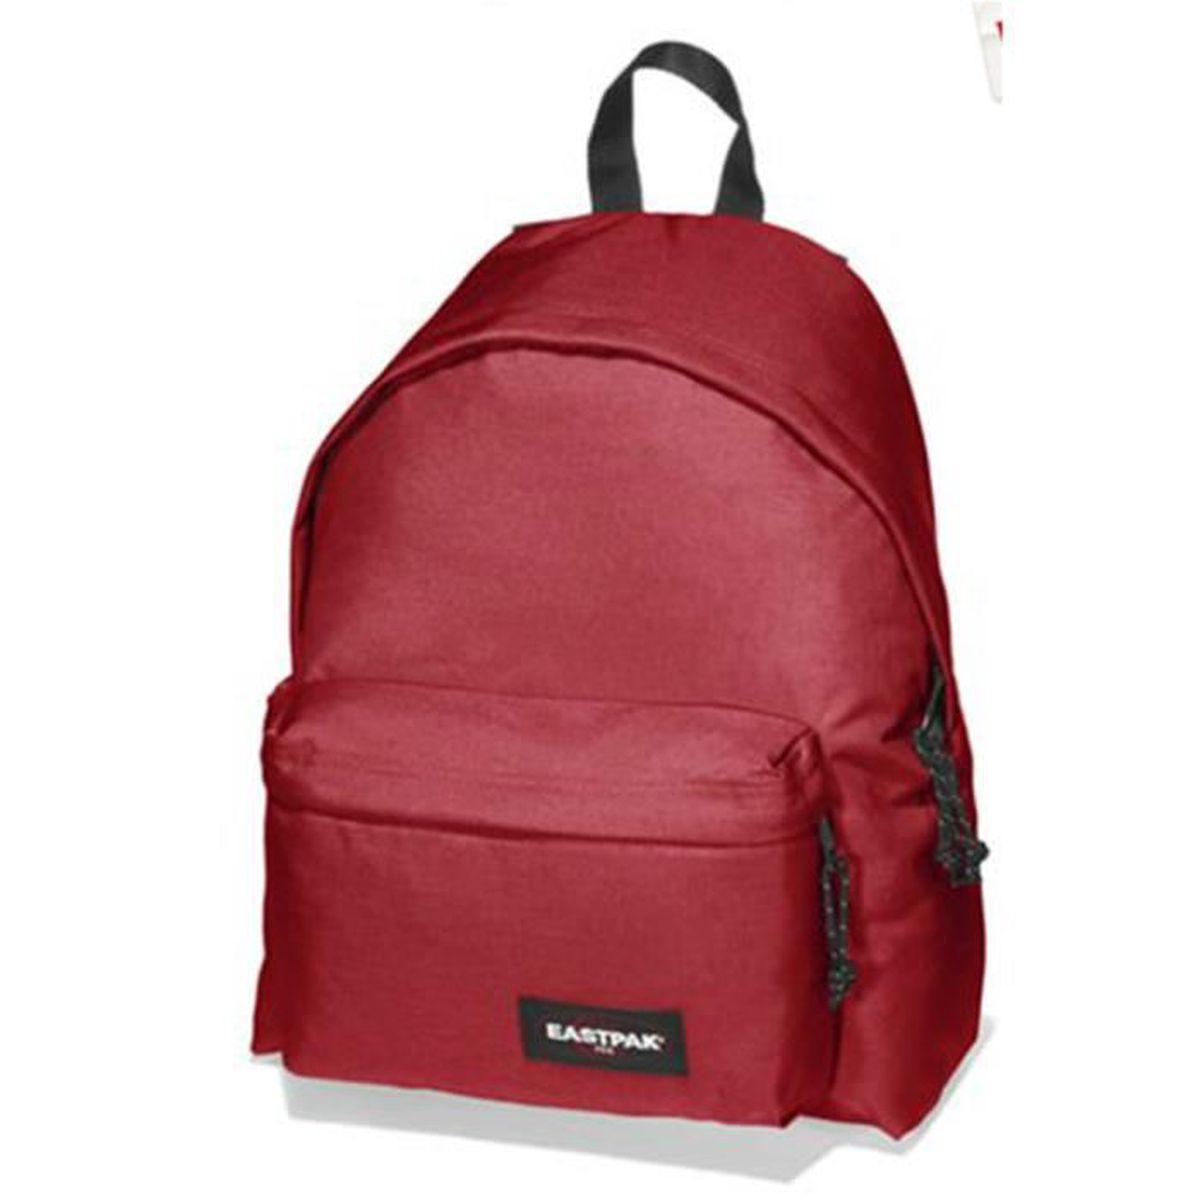 eastpak sac dos ek62053b 21 6l rouge rouge achat. Black Bedroom Furniture Sets. Home Design Ideas